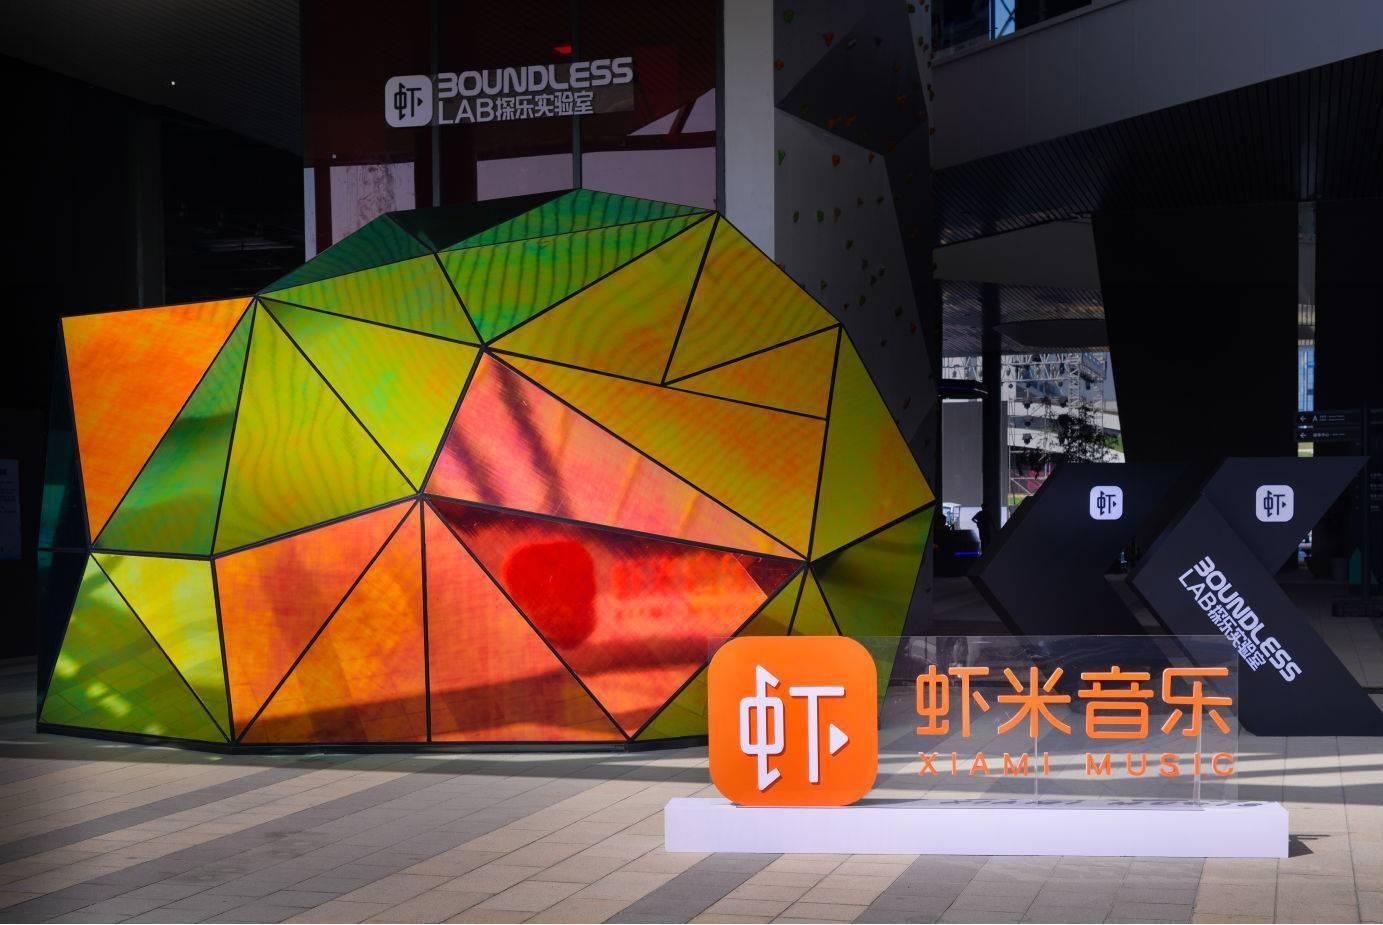 早报   传虾米音乐将于明年关闭 / 上海地铁将禁止手机外放声音 / 大学课堂堪比发布会